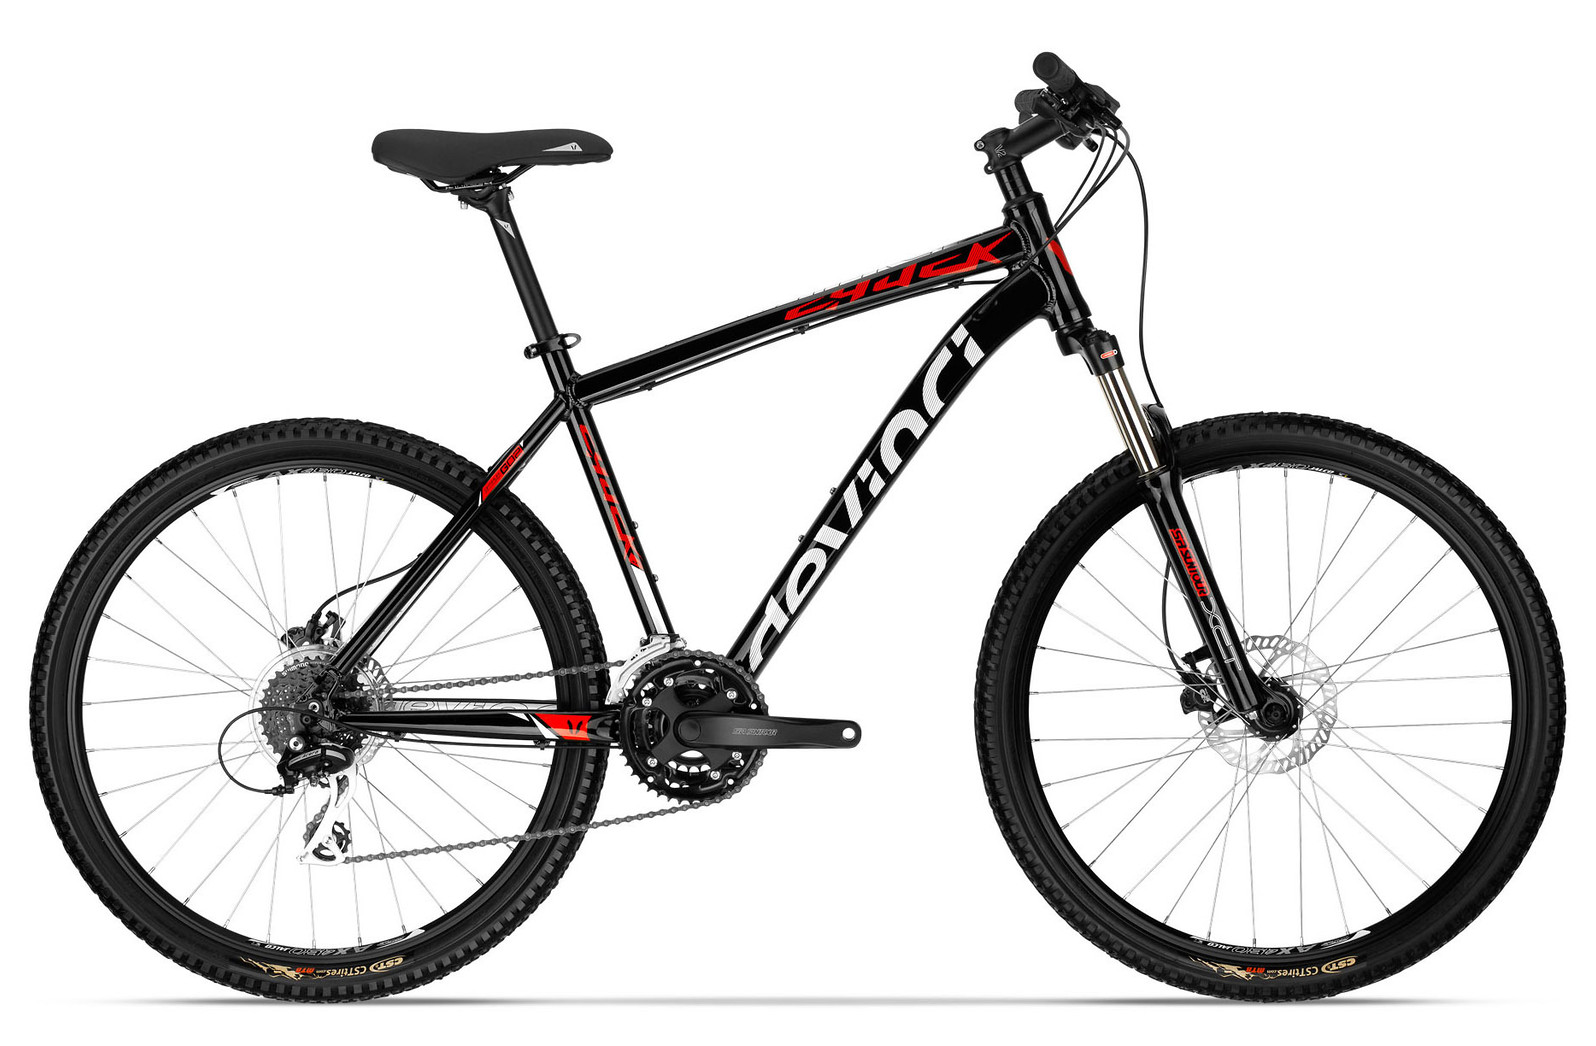 Bike - 2014 Devinci Chuck XP